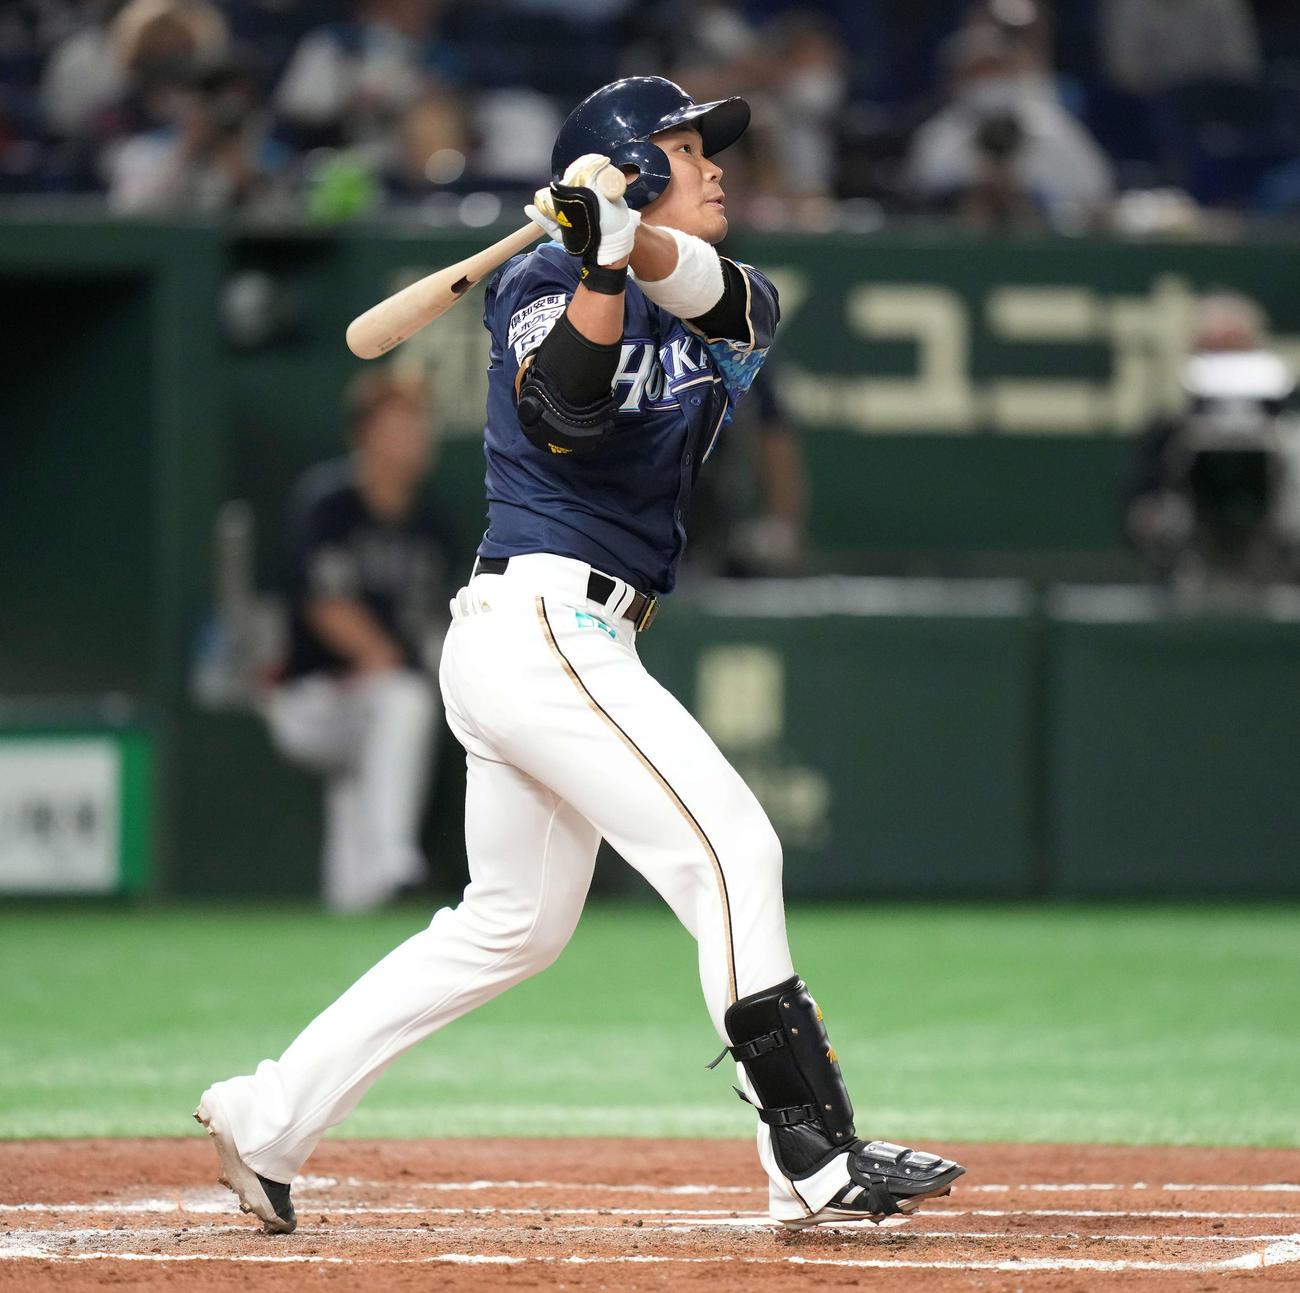 日本ハム対オリックス 2回裏日本ハム1死、先制の右越えソロ本塁打を放つ王柏融(撮影・鈴木みどり)